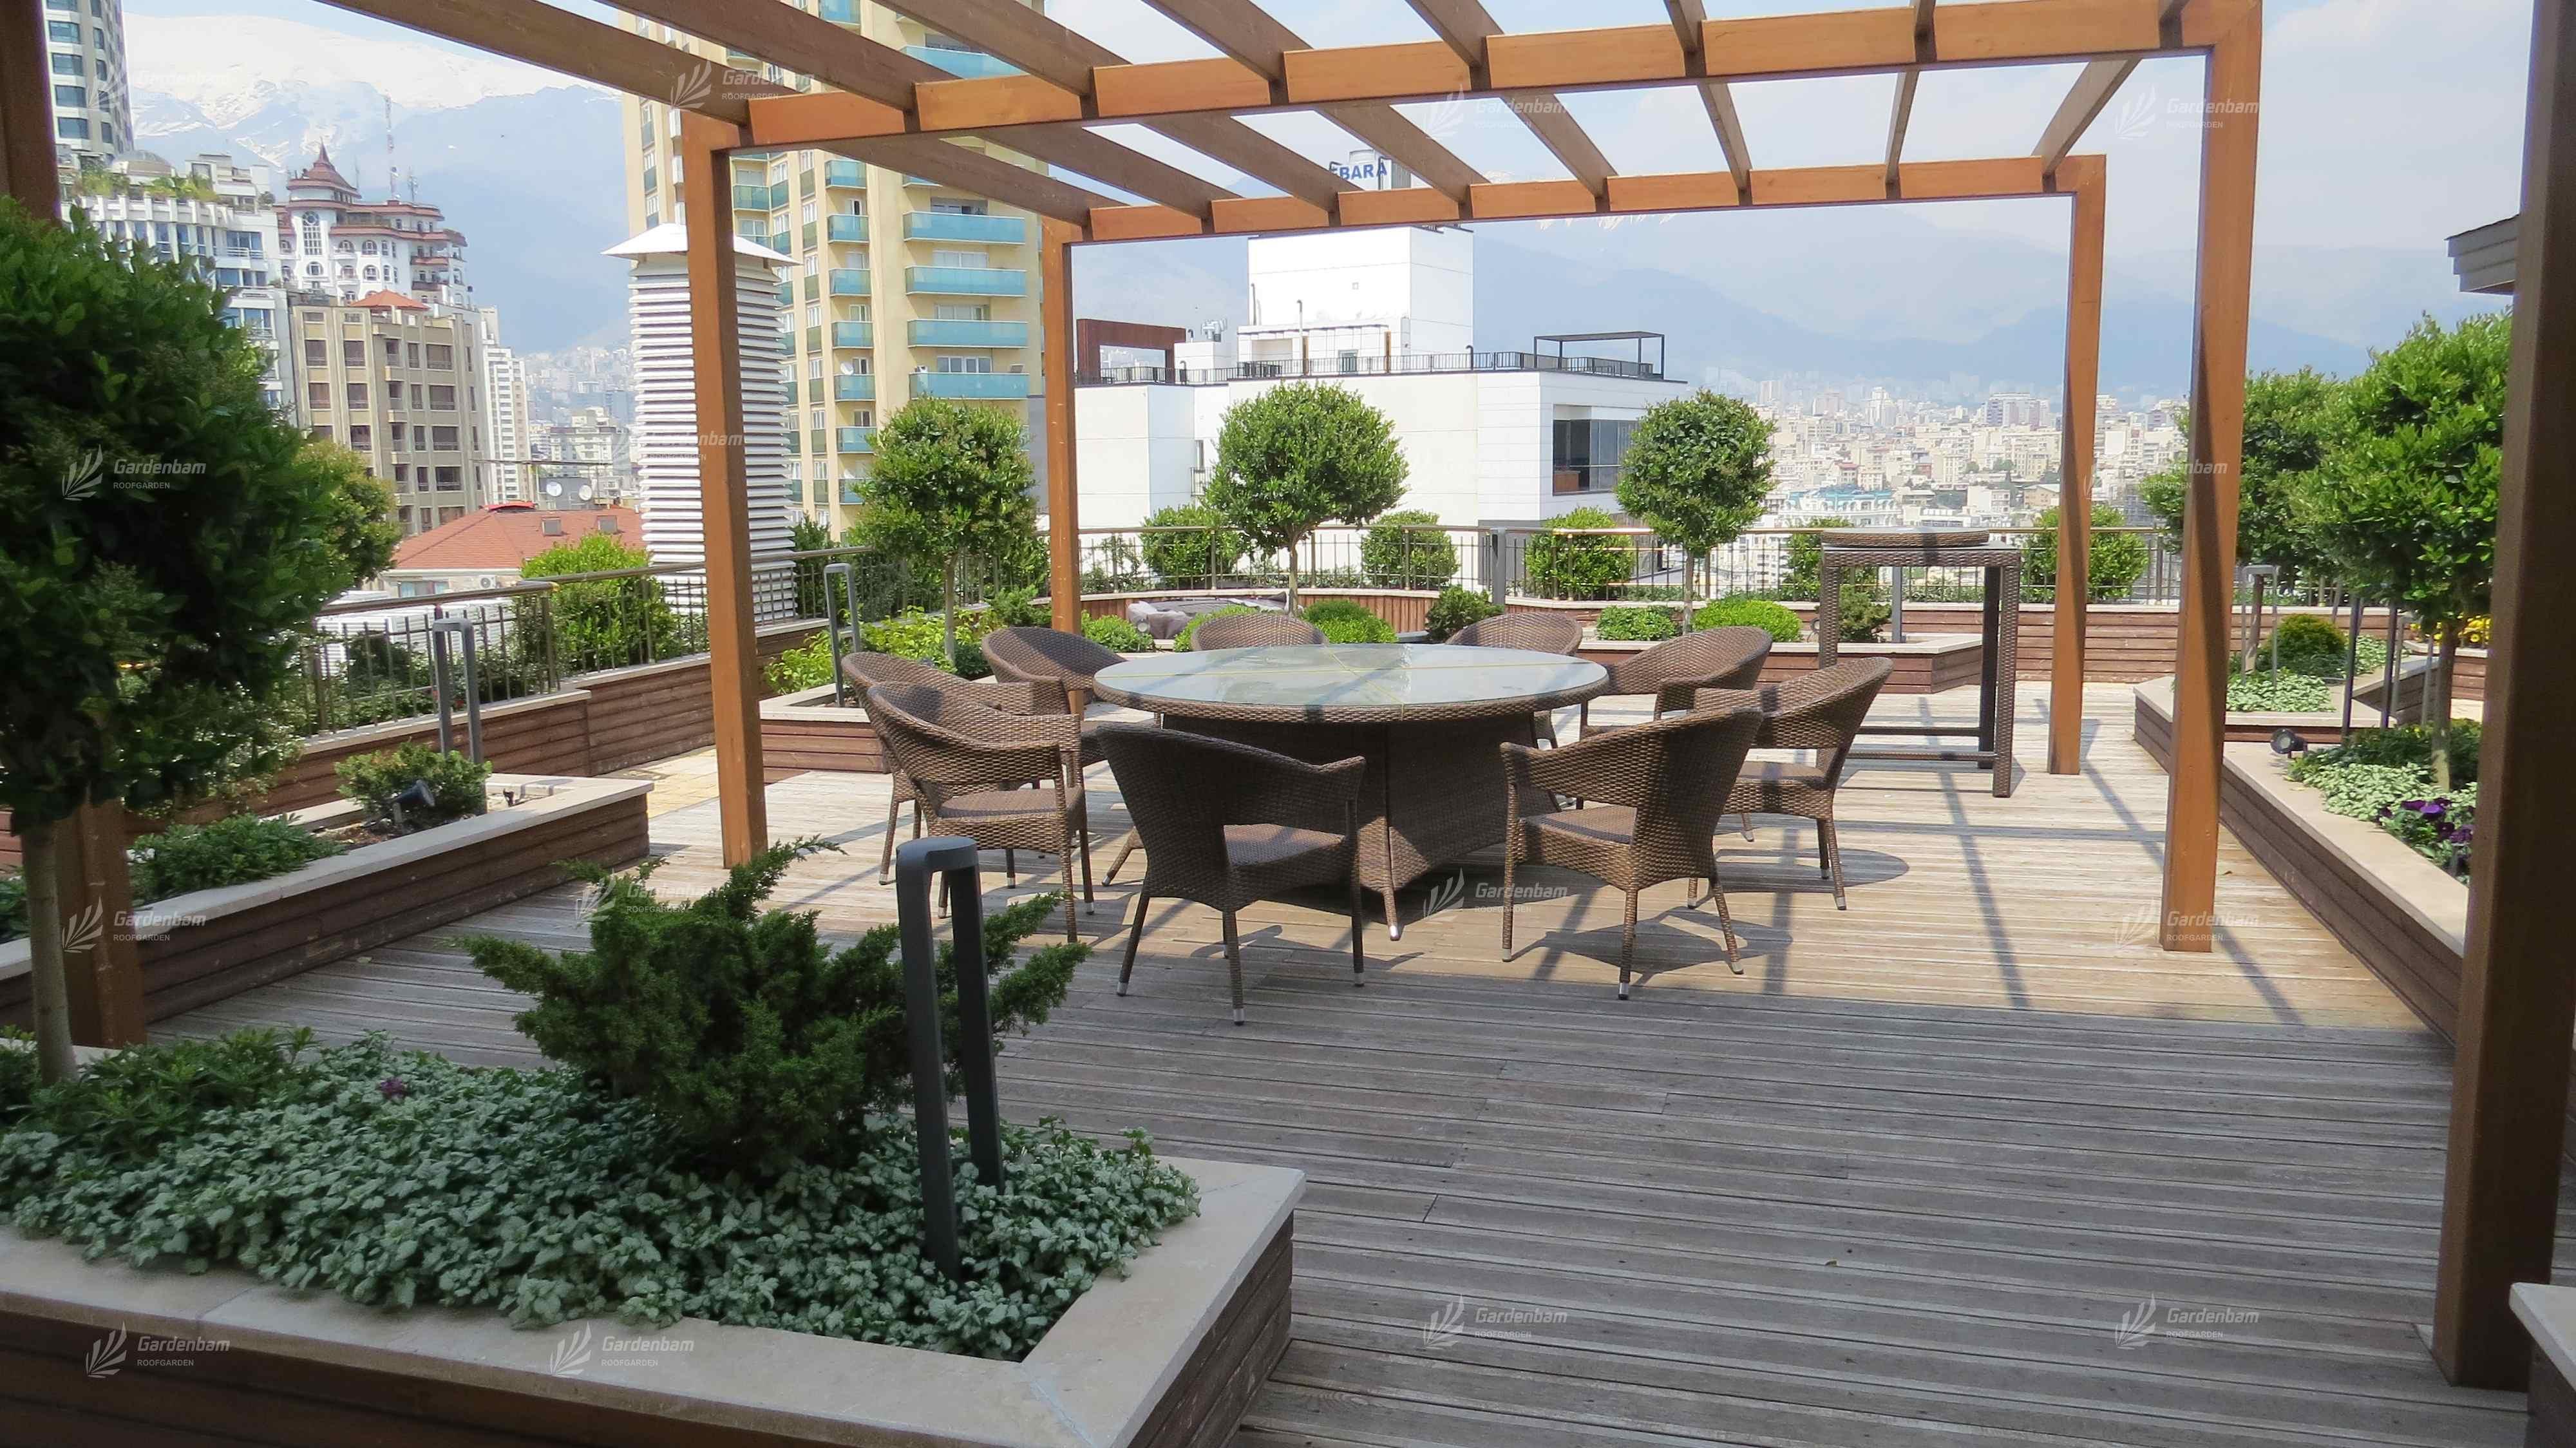 هزینه روف گاردن | قیمت روف گاردن | لایه های روف گاردن | اجزای بام سبز | روفگاردن | روف گاردن | بام سبز | Roofgarden | green roof | gardenbam